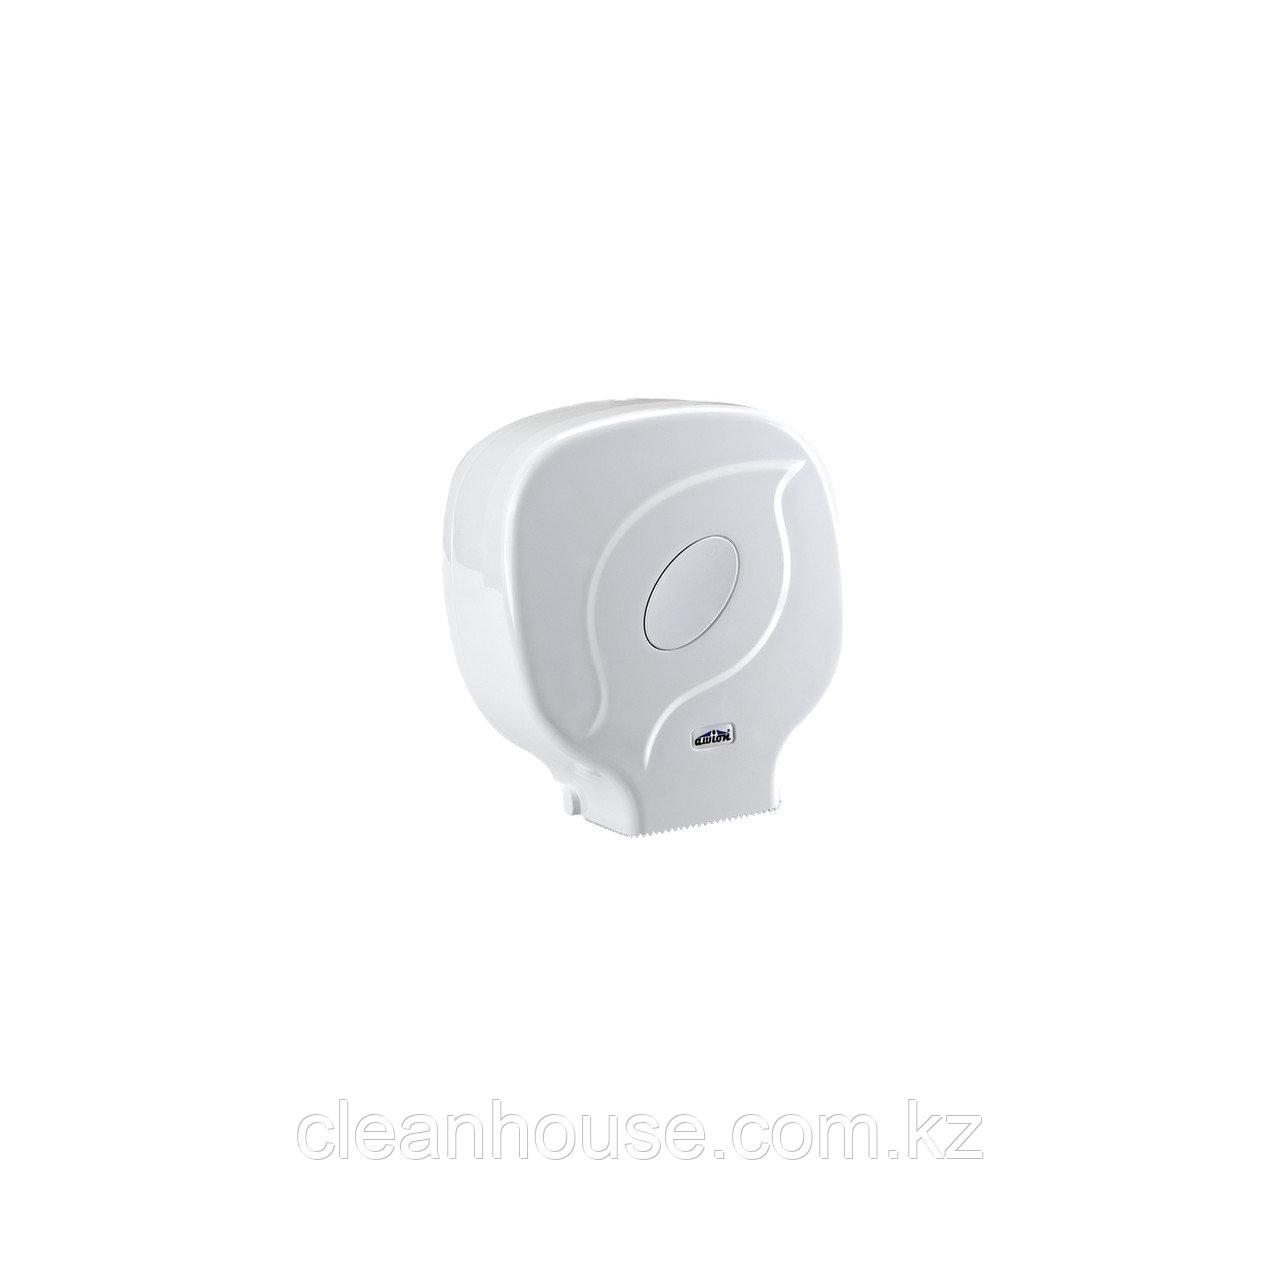 """Диспенсер для туалетной бумаги """"MINI JUMBO"""""""